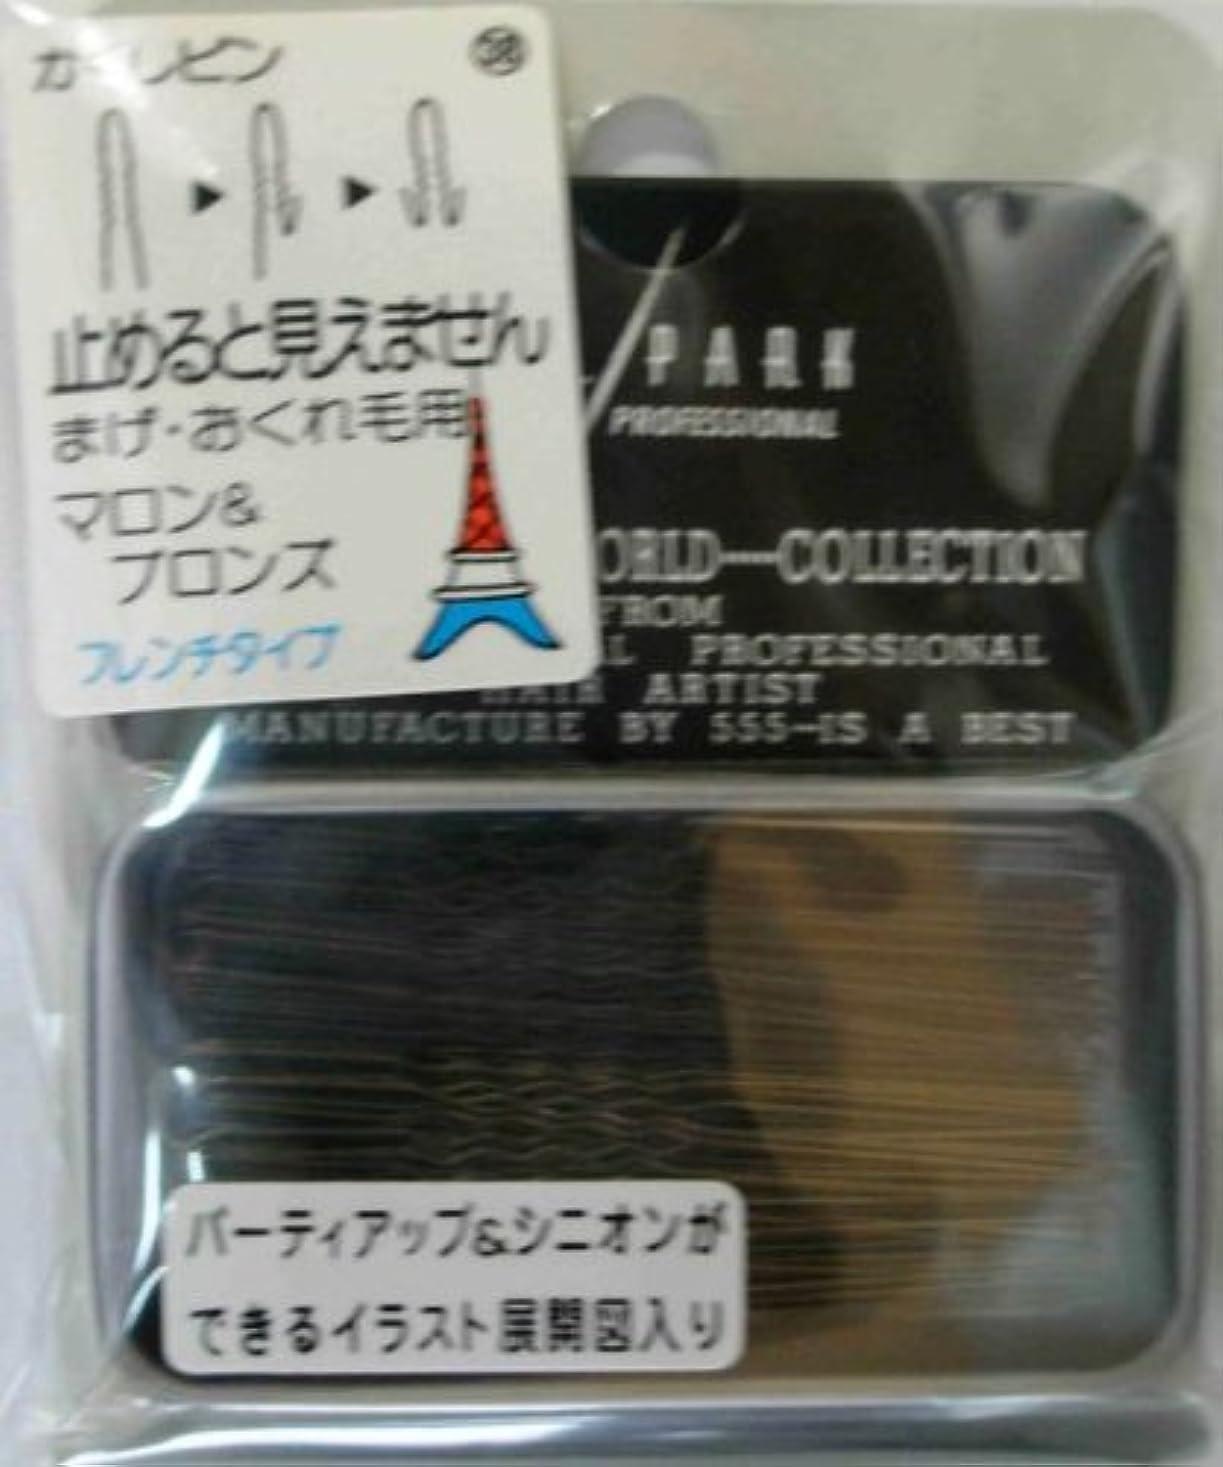 寛大なまっすぐにするエンドウY.S.PARK世界のヘアピンコレクションNo.38(まげ?おくれ毛用)フレンチタイプ14g